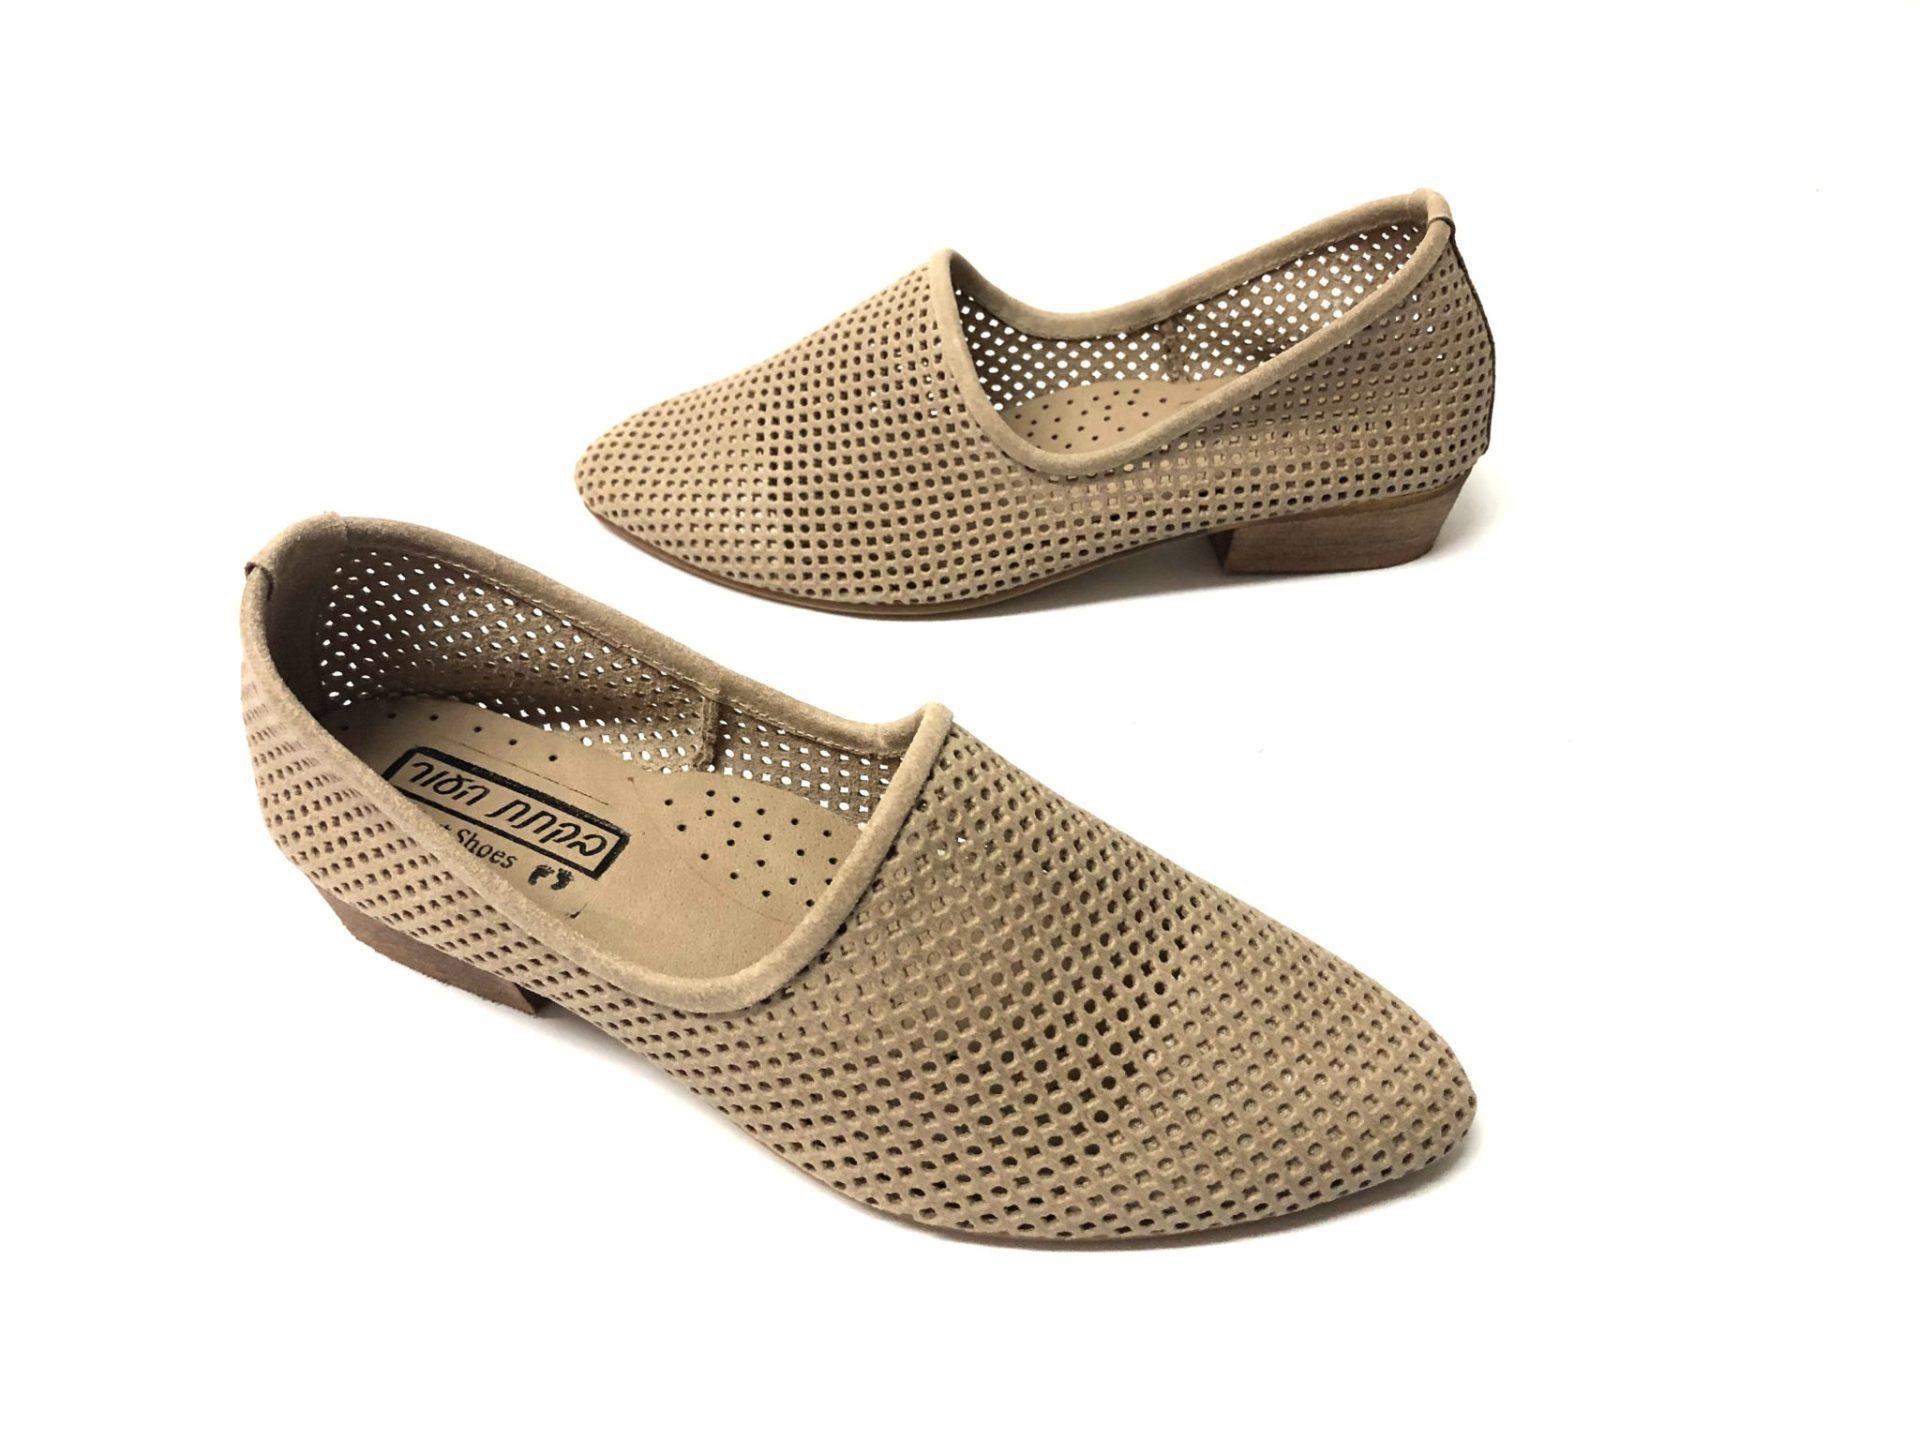 דגם 1245 : נעל מוקסין מחורר בצבע בז